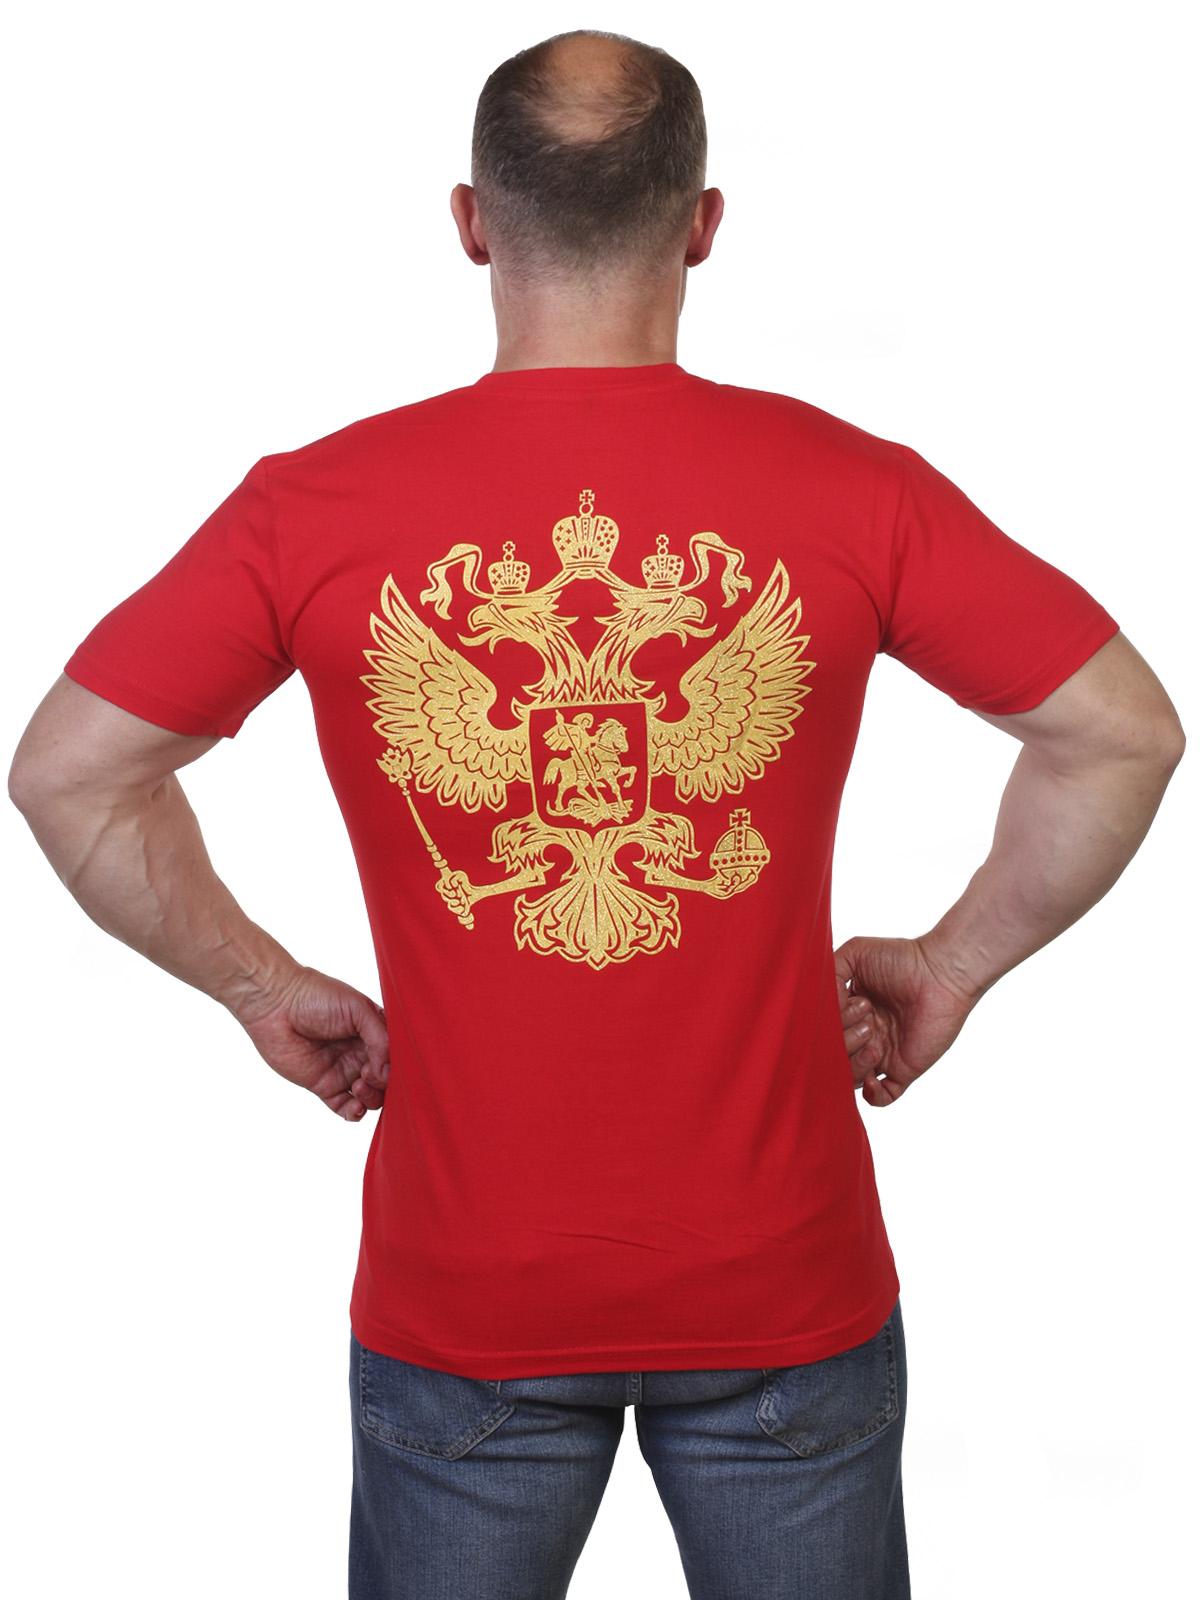 Красная футболка с гербом России.по лучшей цене